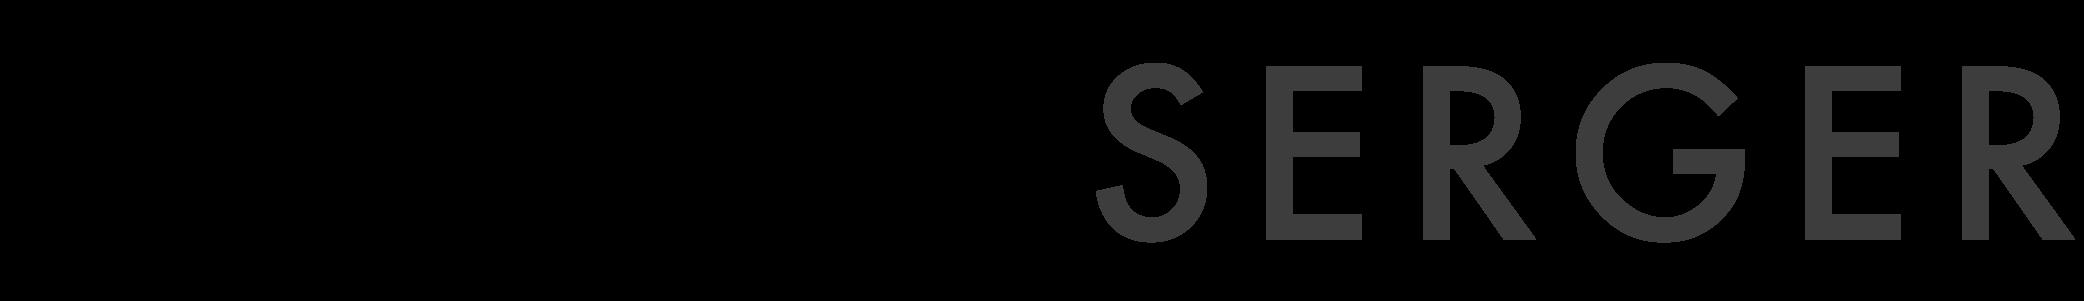 TDS-Website-Titles-H1-Serger.png